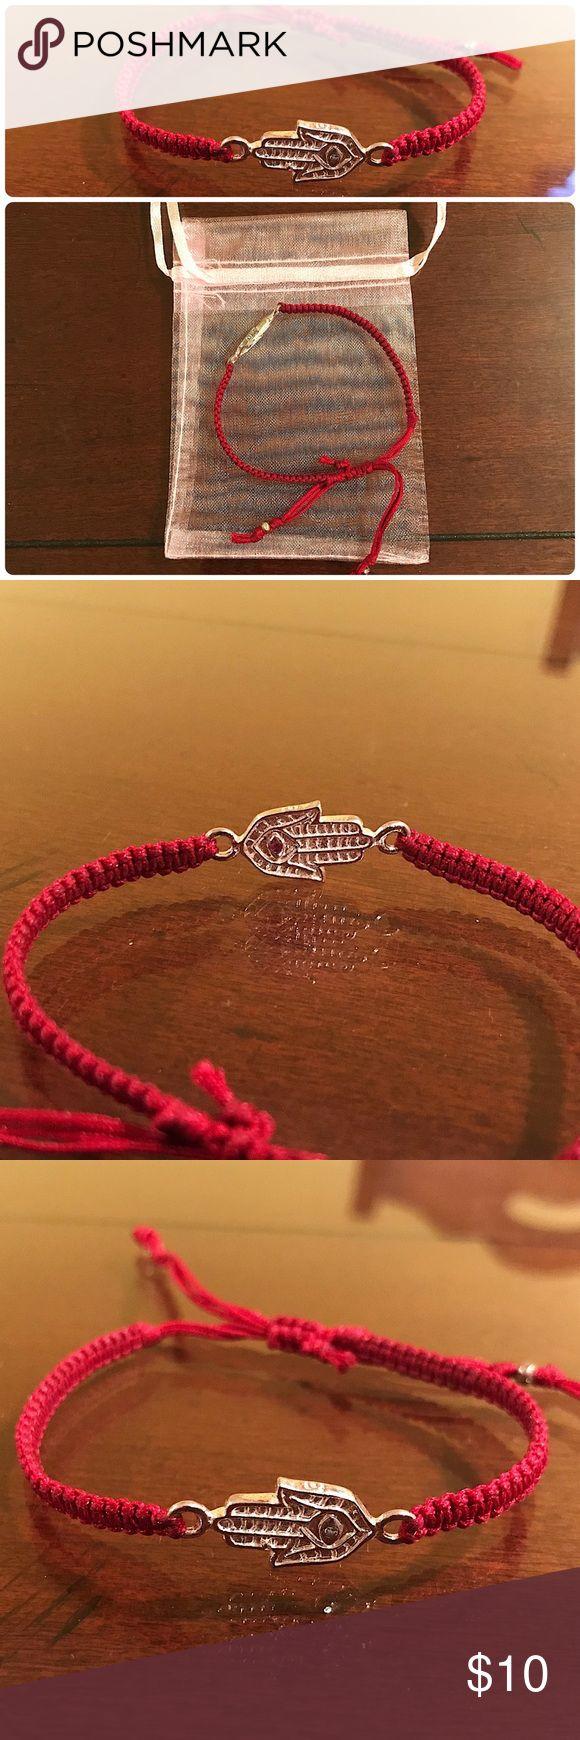 The 25 best hamsa symbol ideas on pinterest hamsa mandalas and tai middle eastern hamsa bracelet biocorpaavc